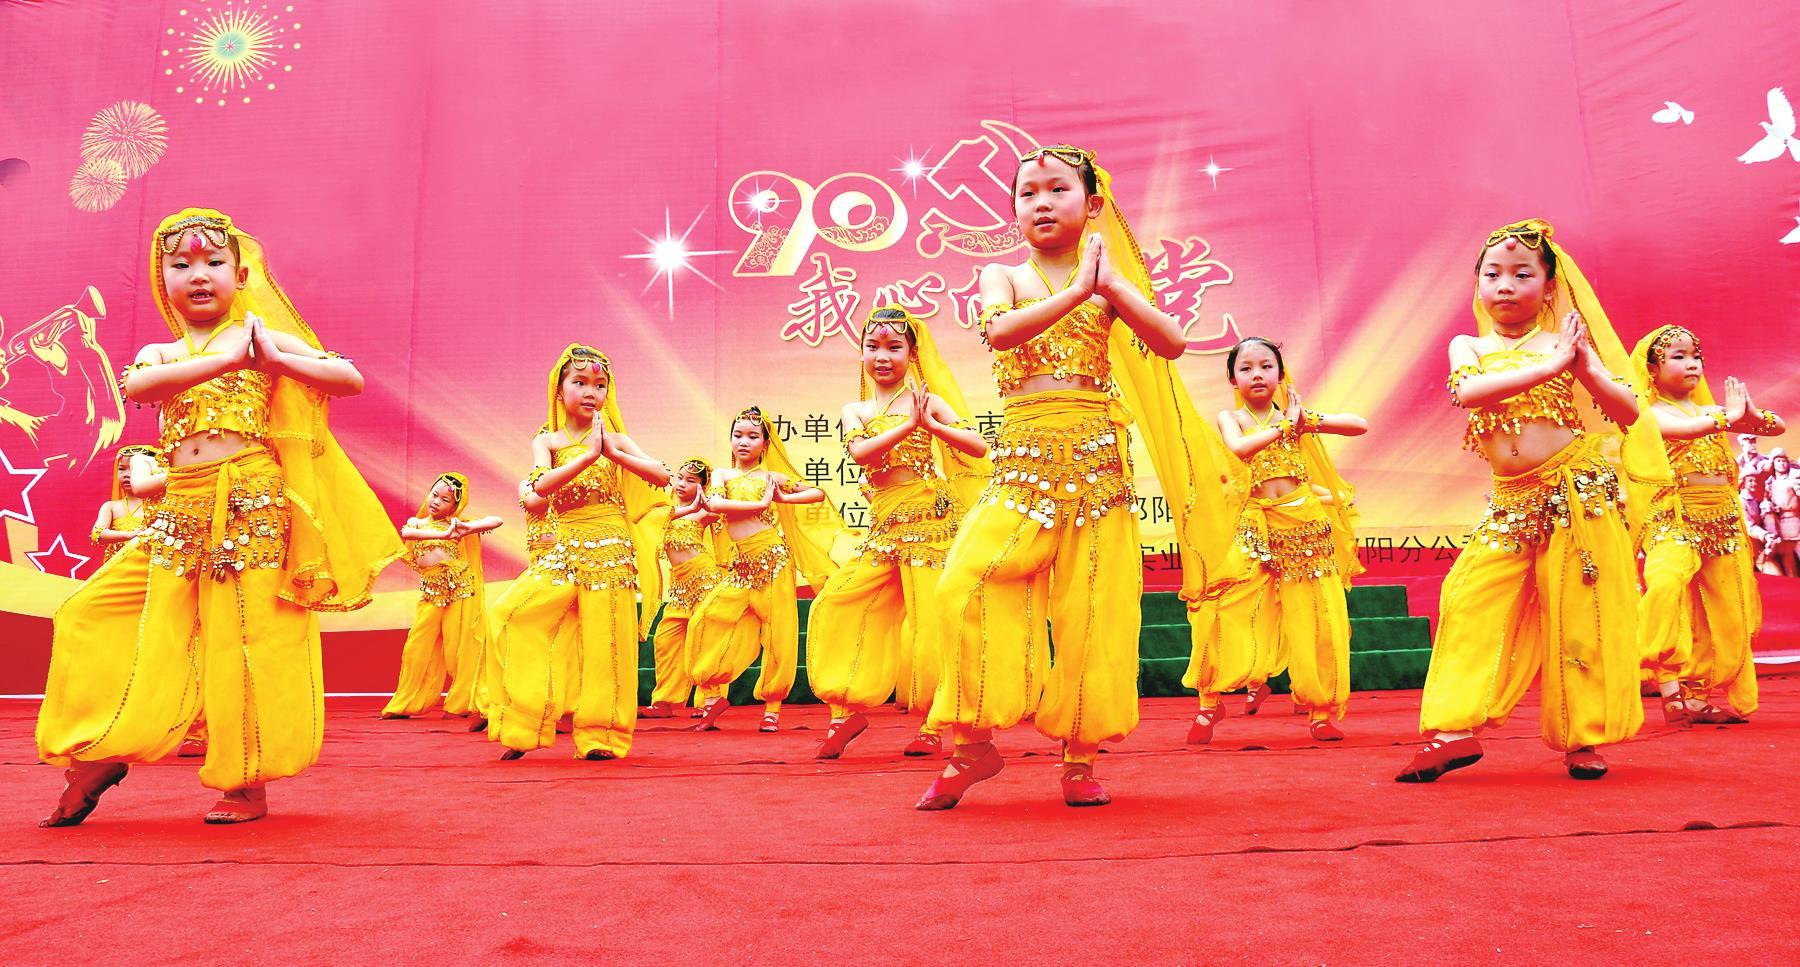 一群活泼可爱的孩子在表演少数民族舞蹈